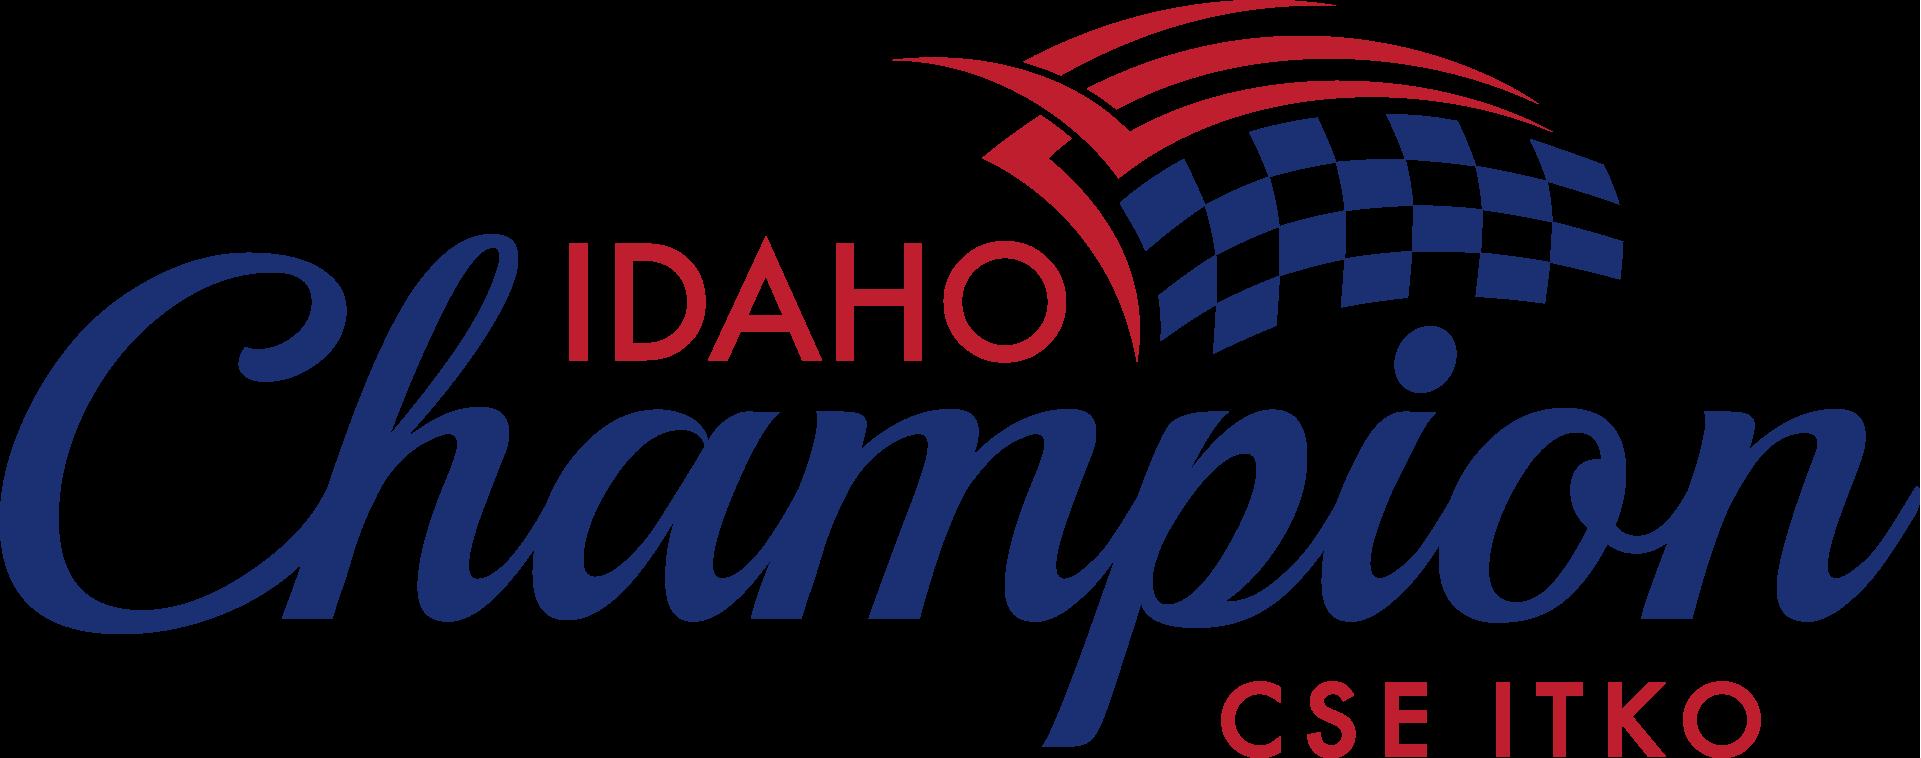 Idaho Champion Gold Mines Canada Inc.